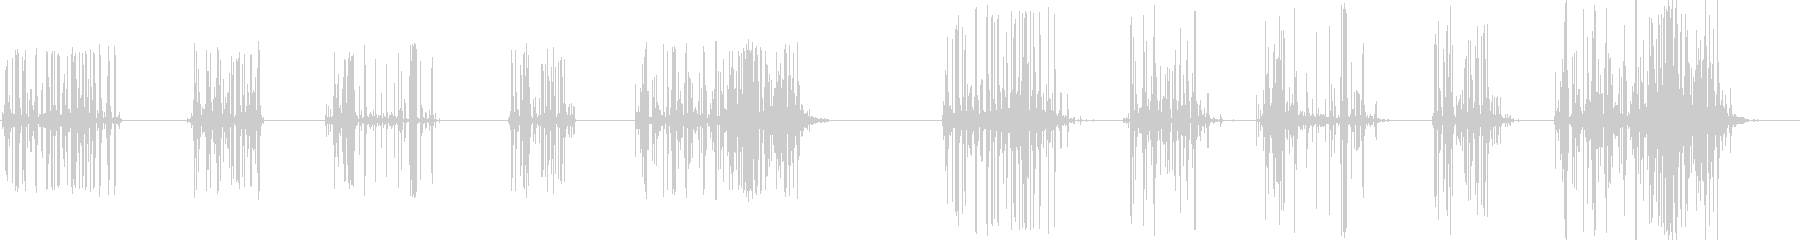 ウッドクラッシュ、5つのバージョン...の未再生の波形